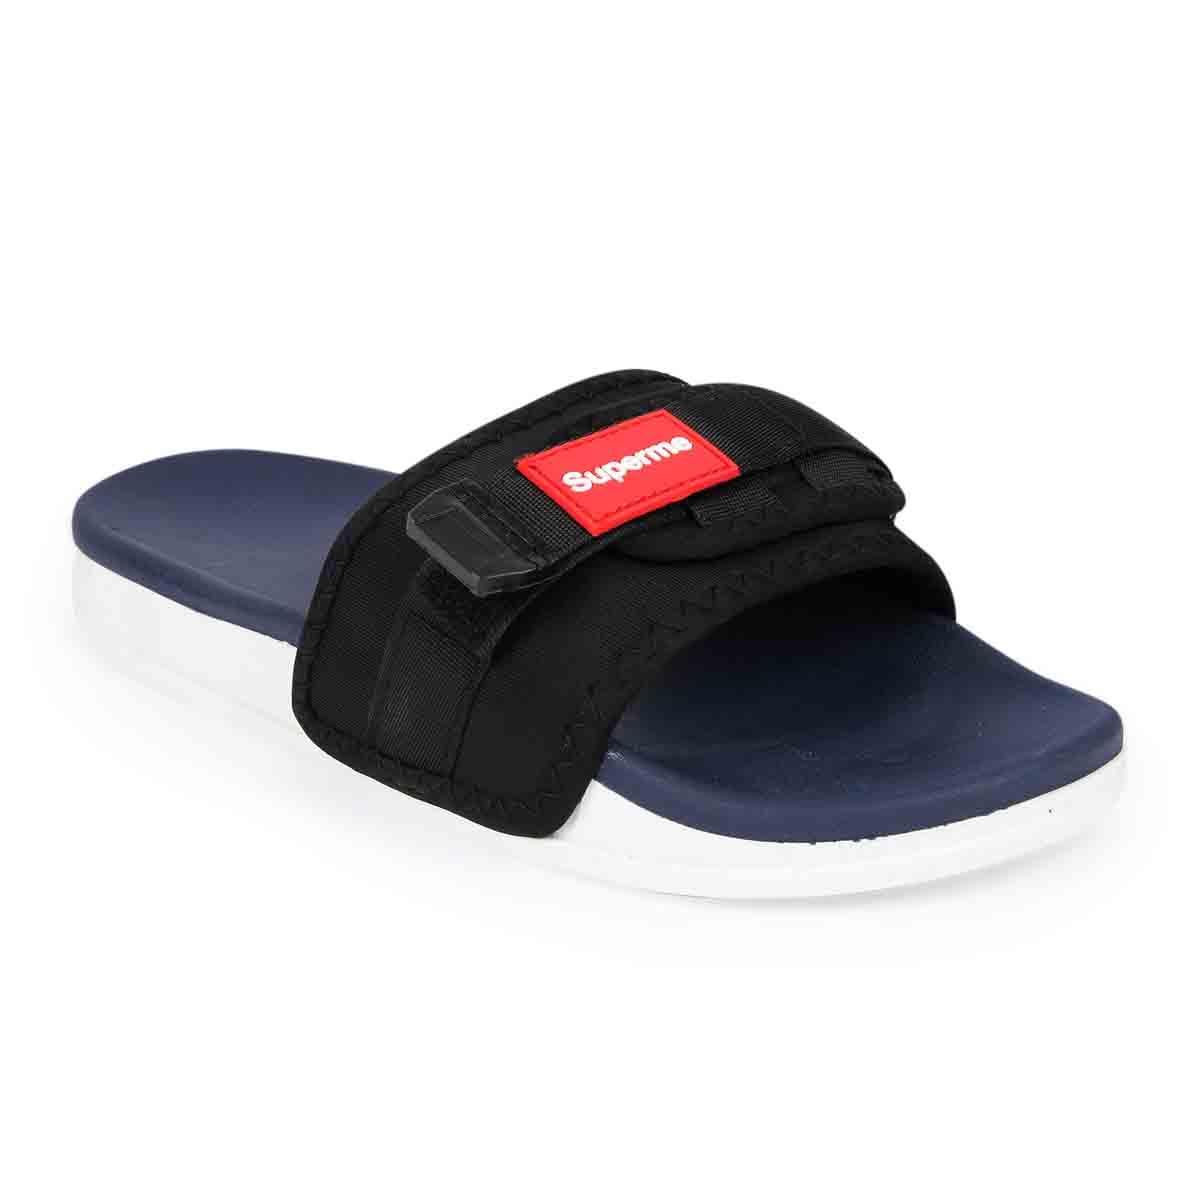 d6498c9e7 Buy Mela Leather Craft shop-slides-flip-flops at Best Prices Online ...